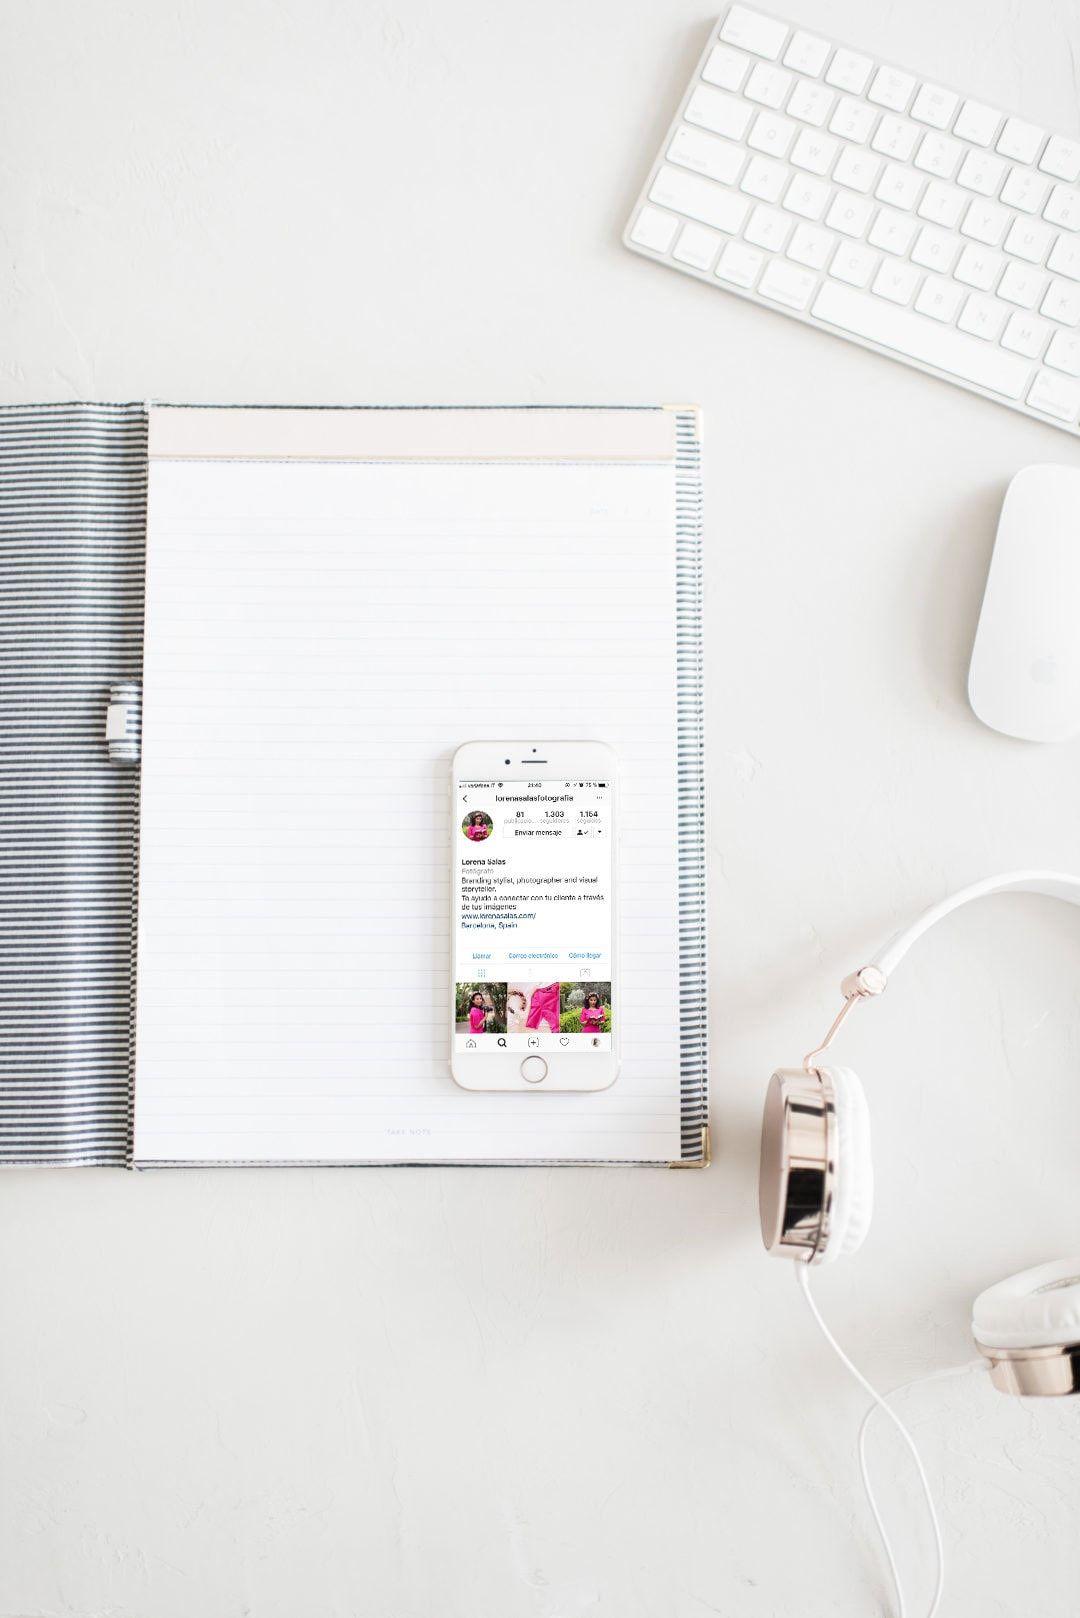 tres claves para mejorar tu presencia en las redes sociales